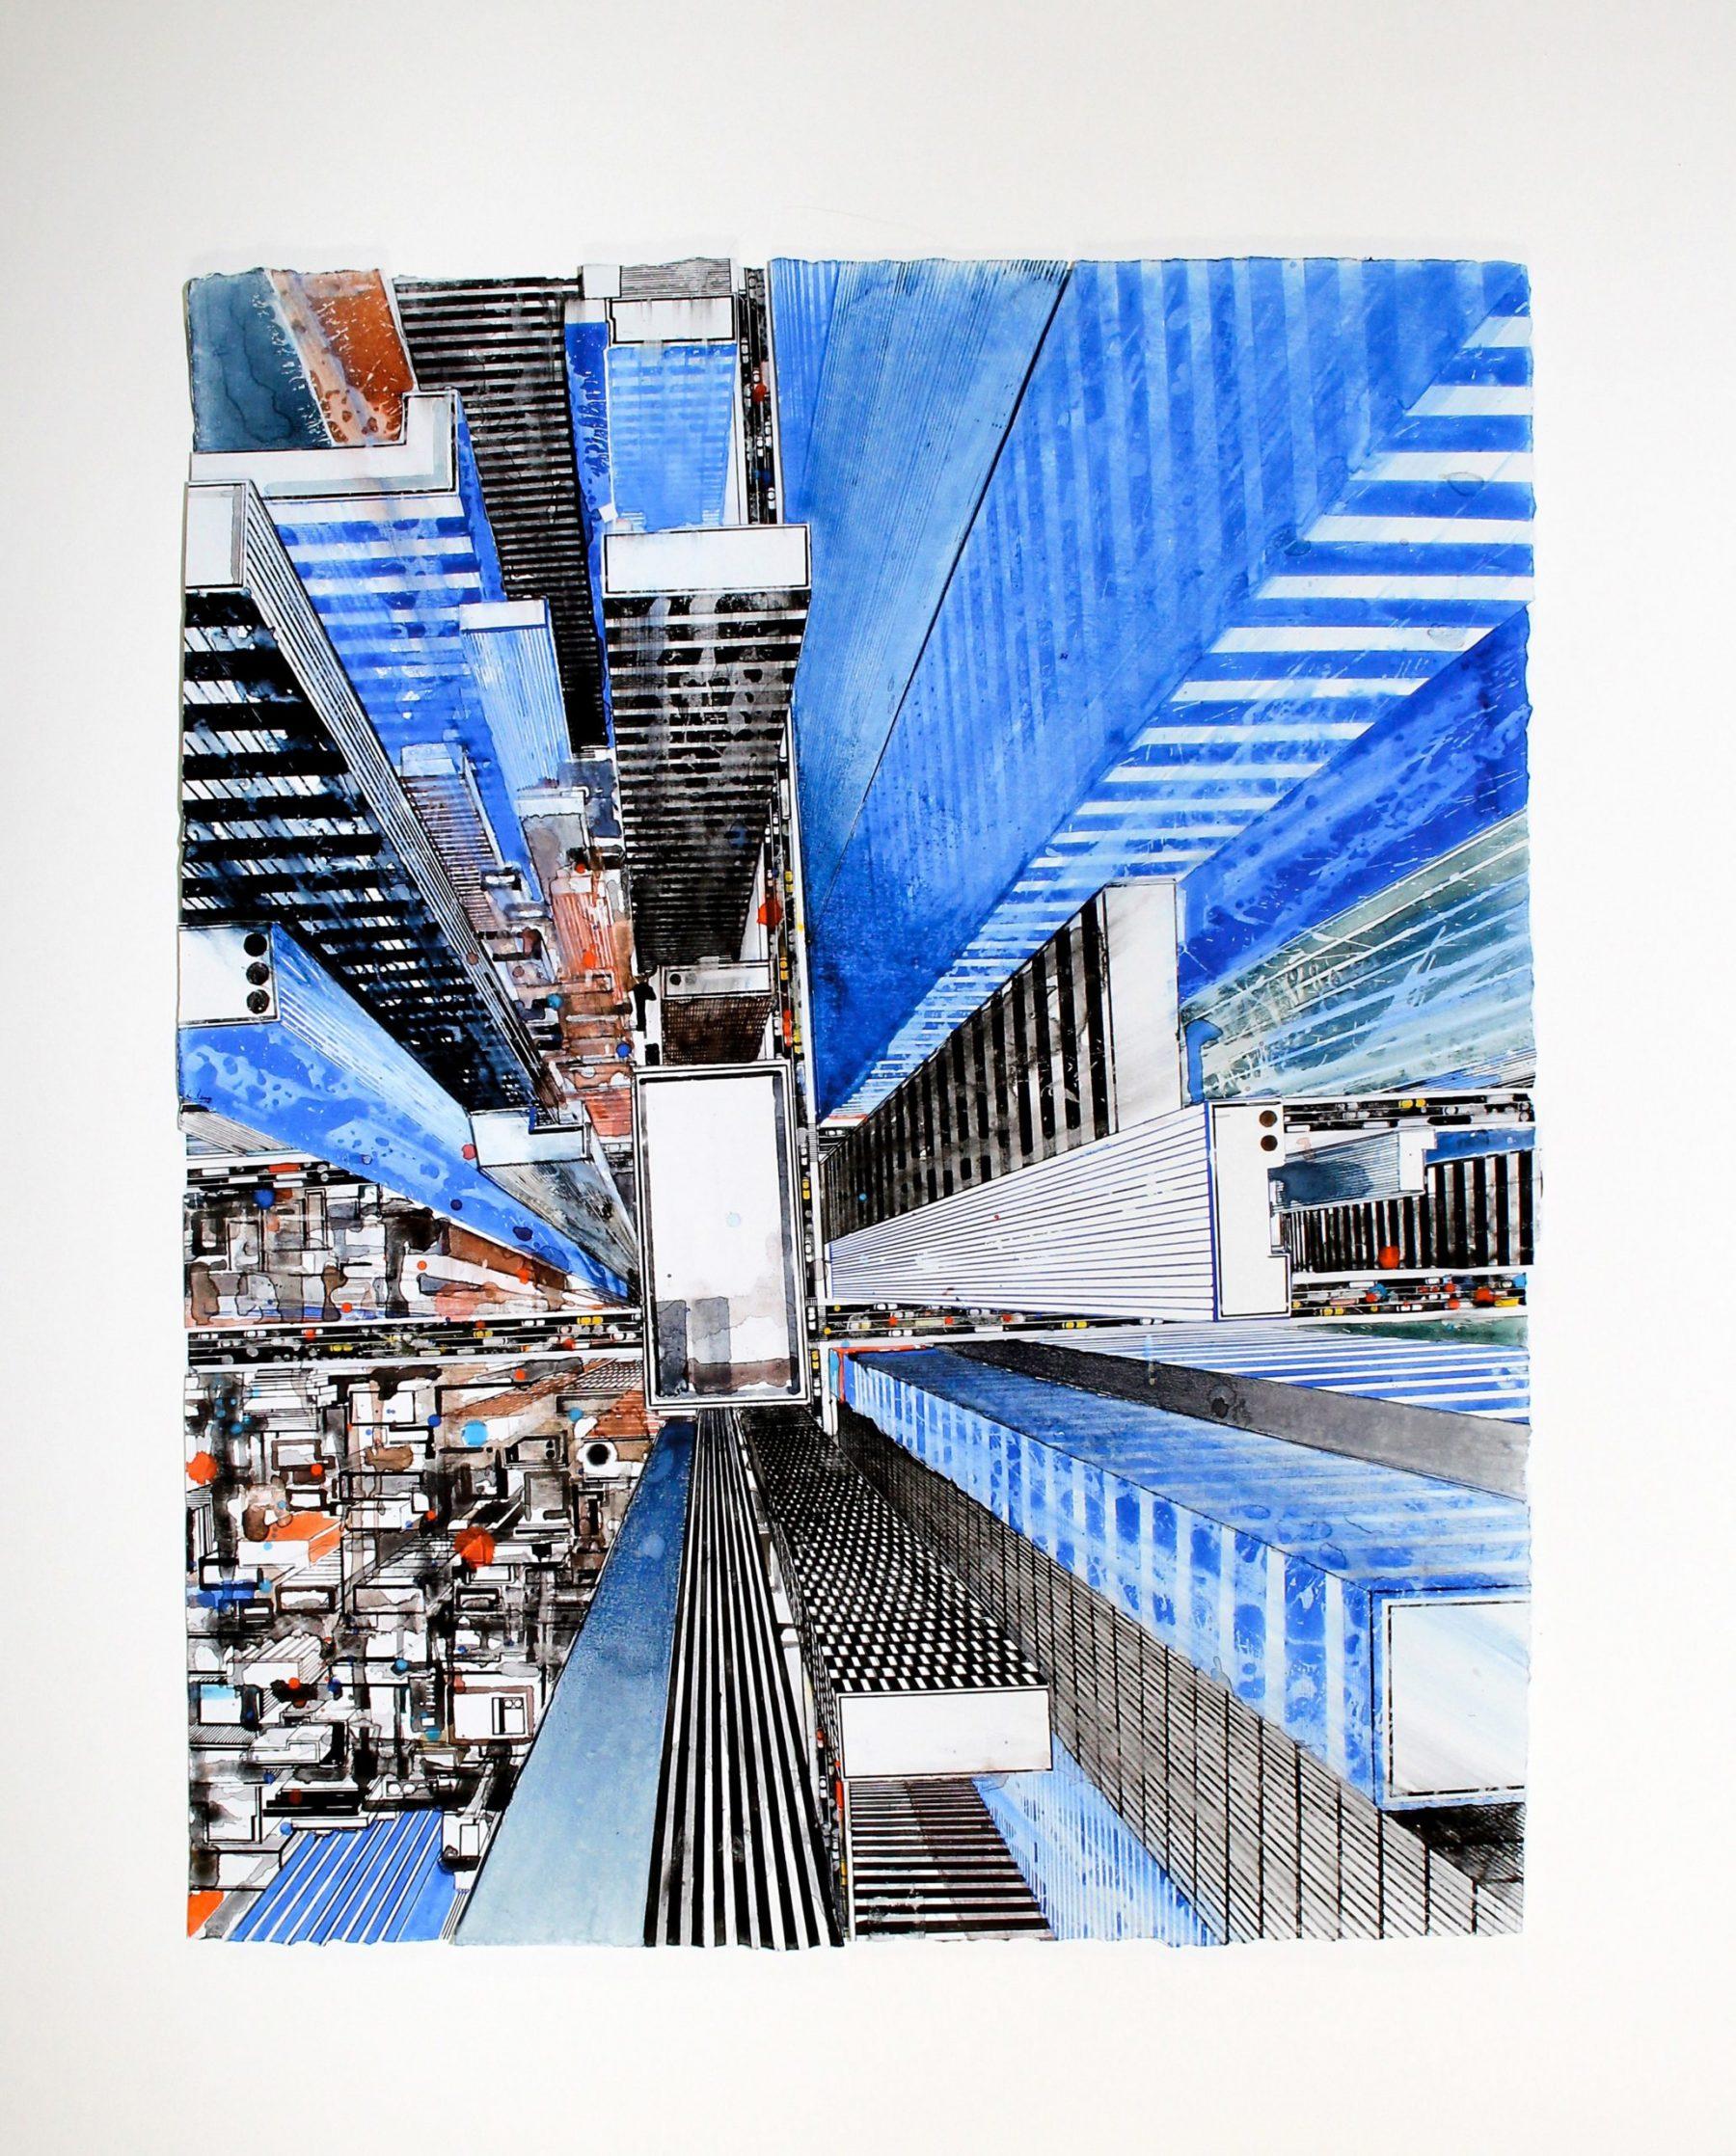 New York - Salzmann, Gottfried - k-2011GS3